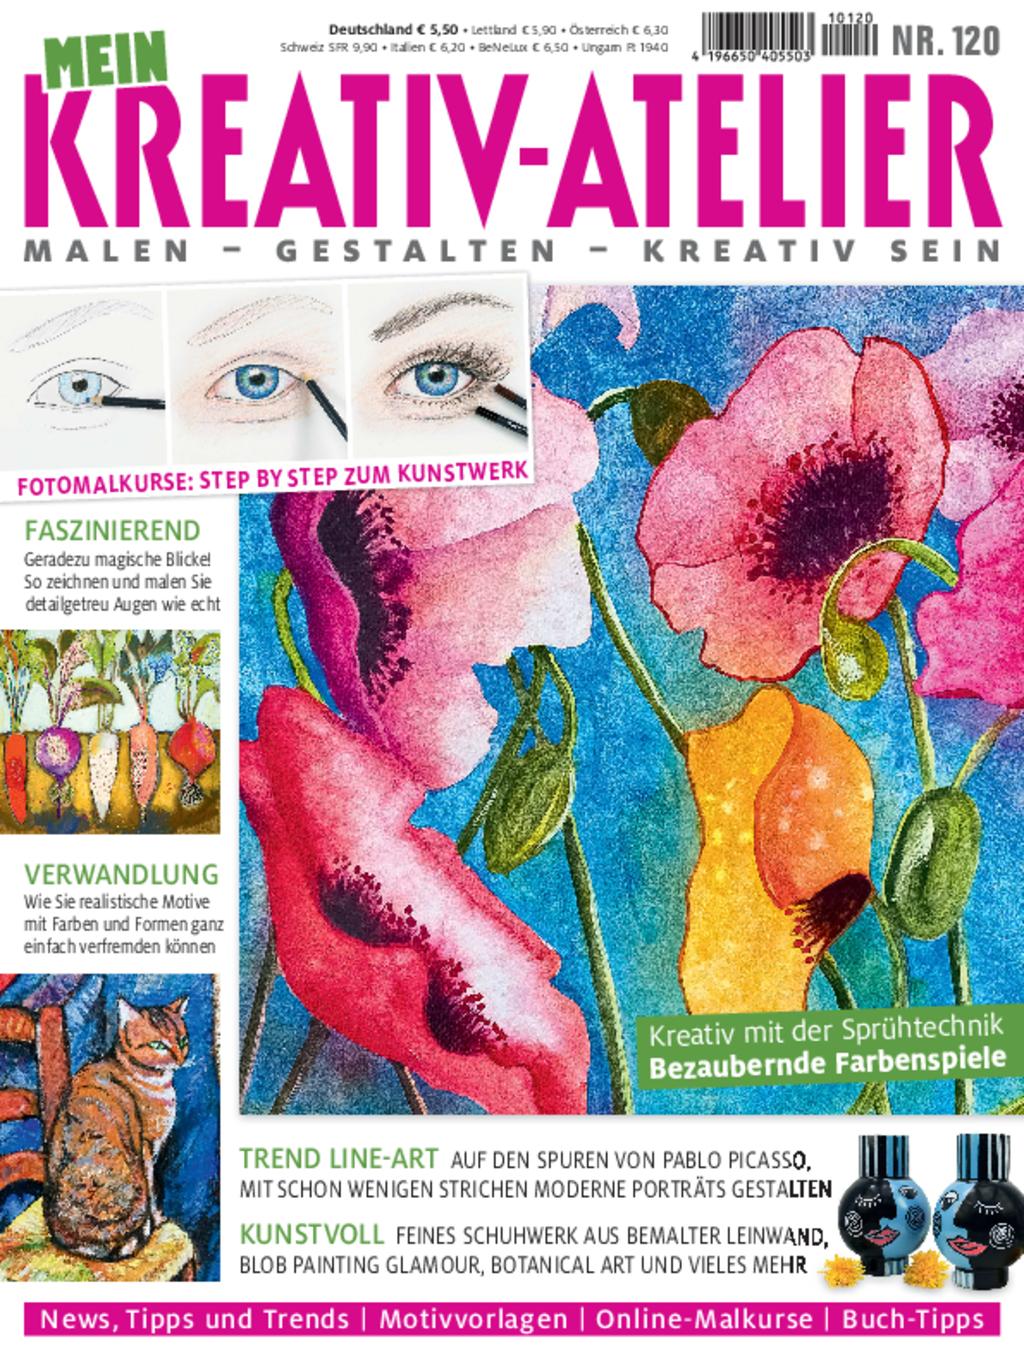 E-Paper: Mein Kreativ-Atelier Nr. 120 - Bezaubernde Farbenspiele